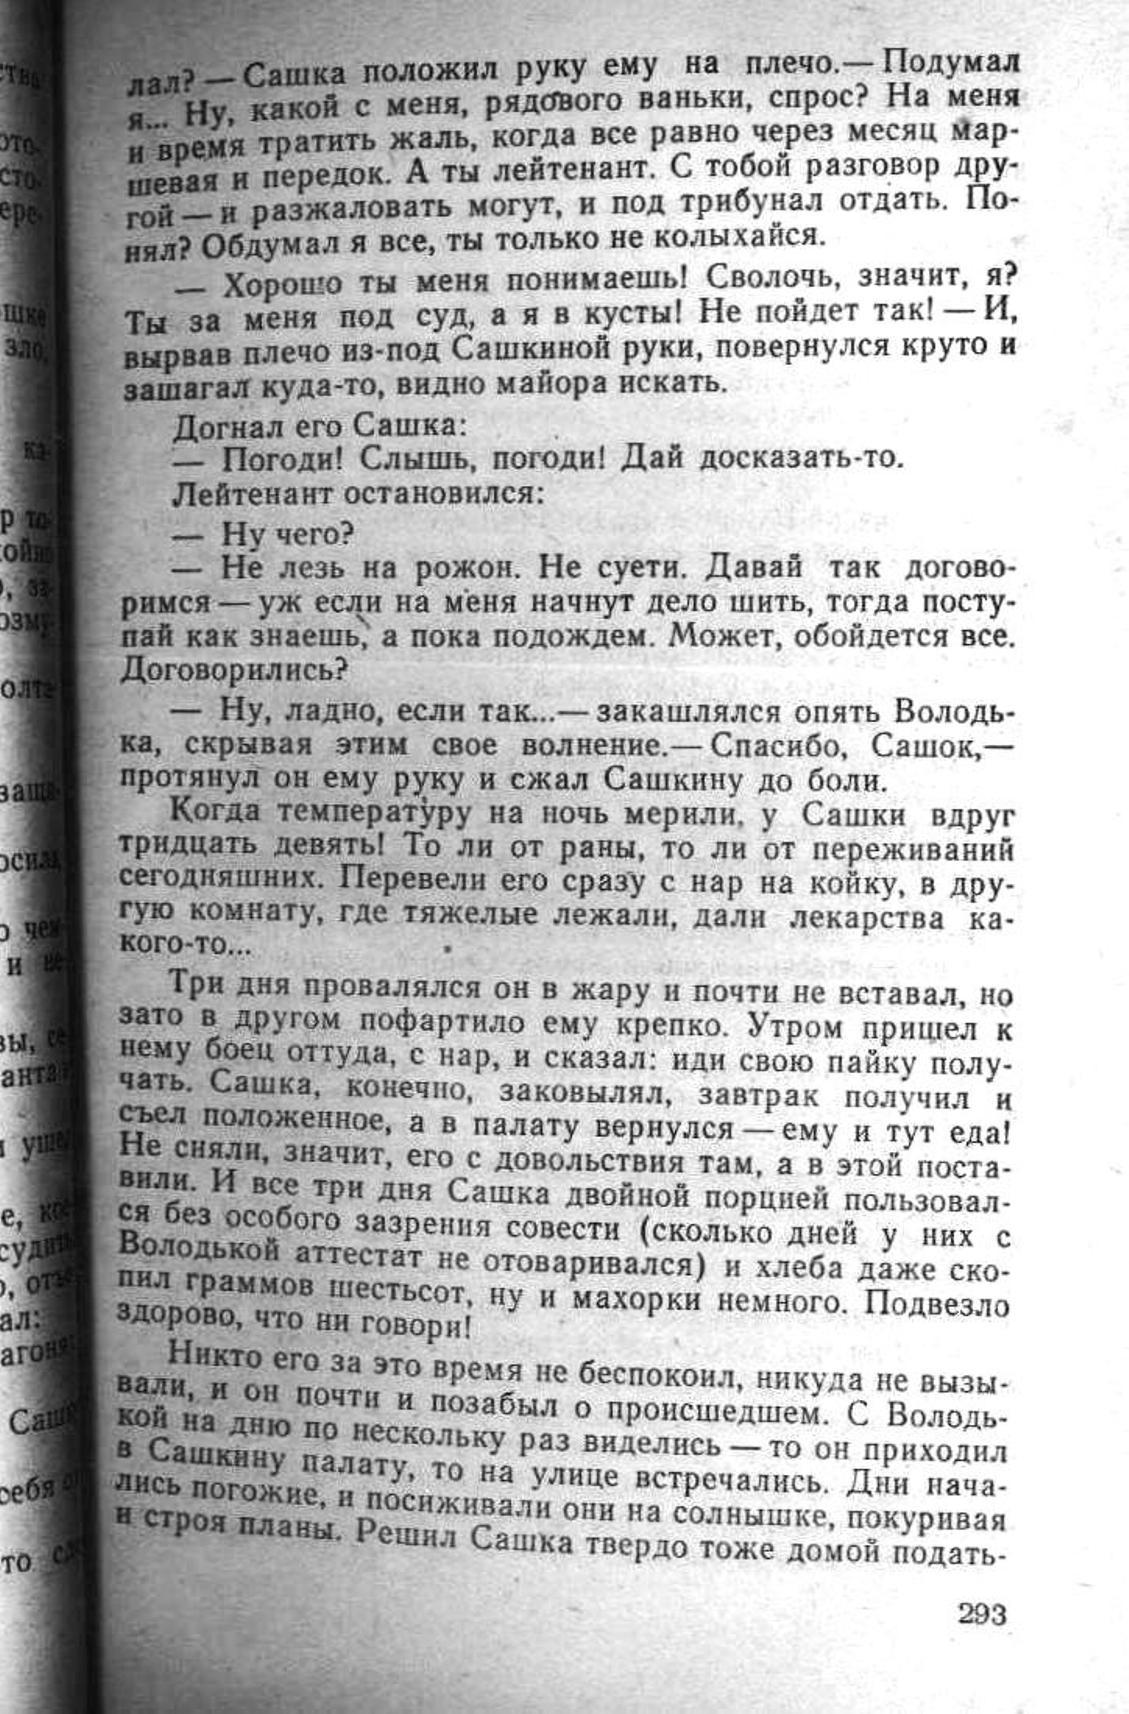 Сашка. Повесть. Вячеслав Кондратьев. 018. 002